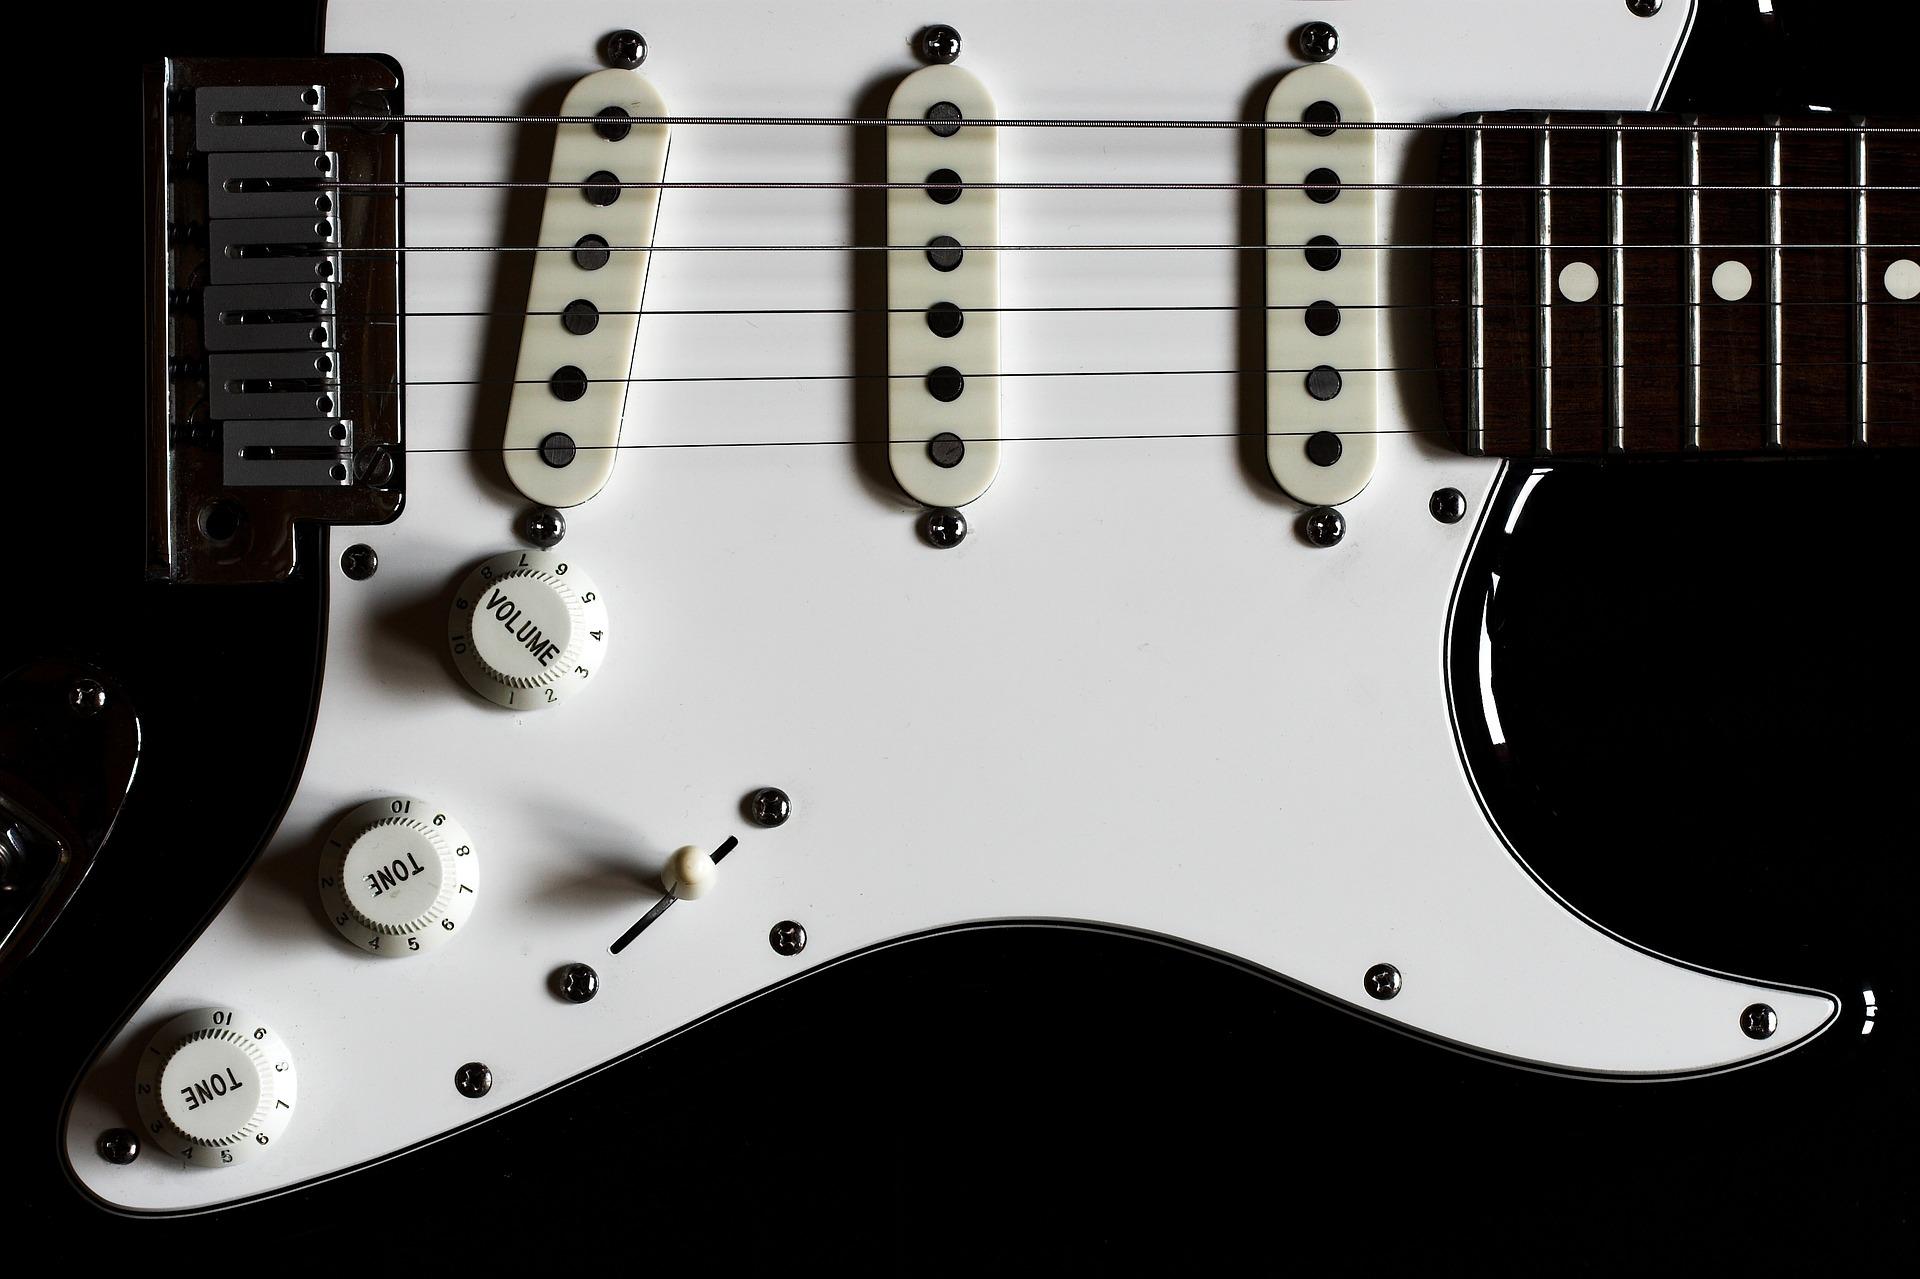 Fender Mexico(フェンダーメキシコ)はマジでおすすめ。中古でも良いから買っとけ。